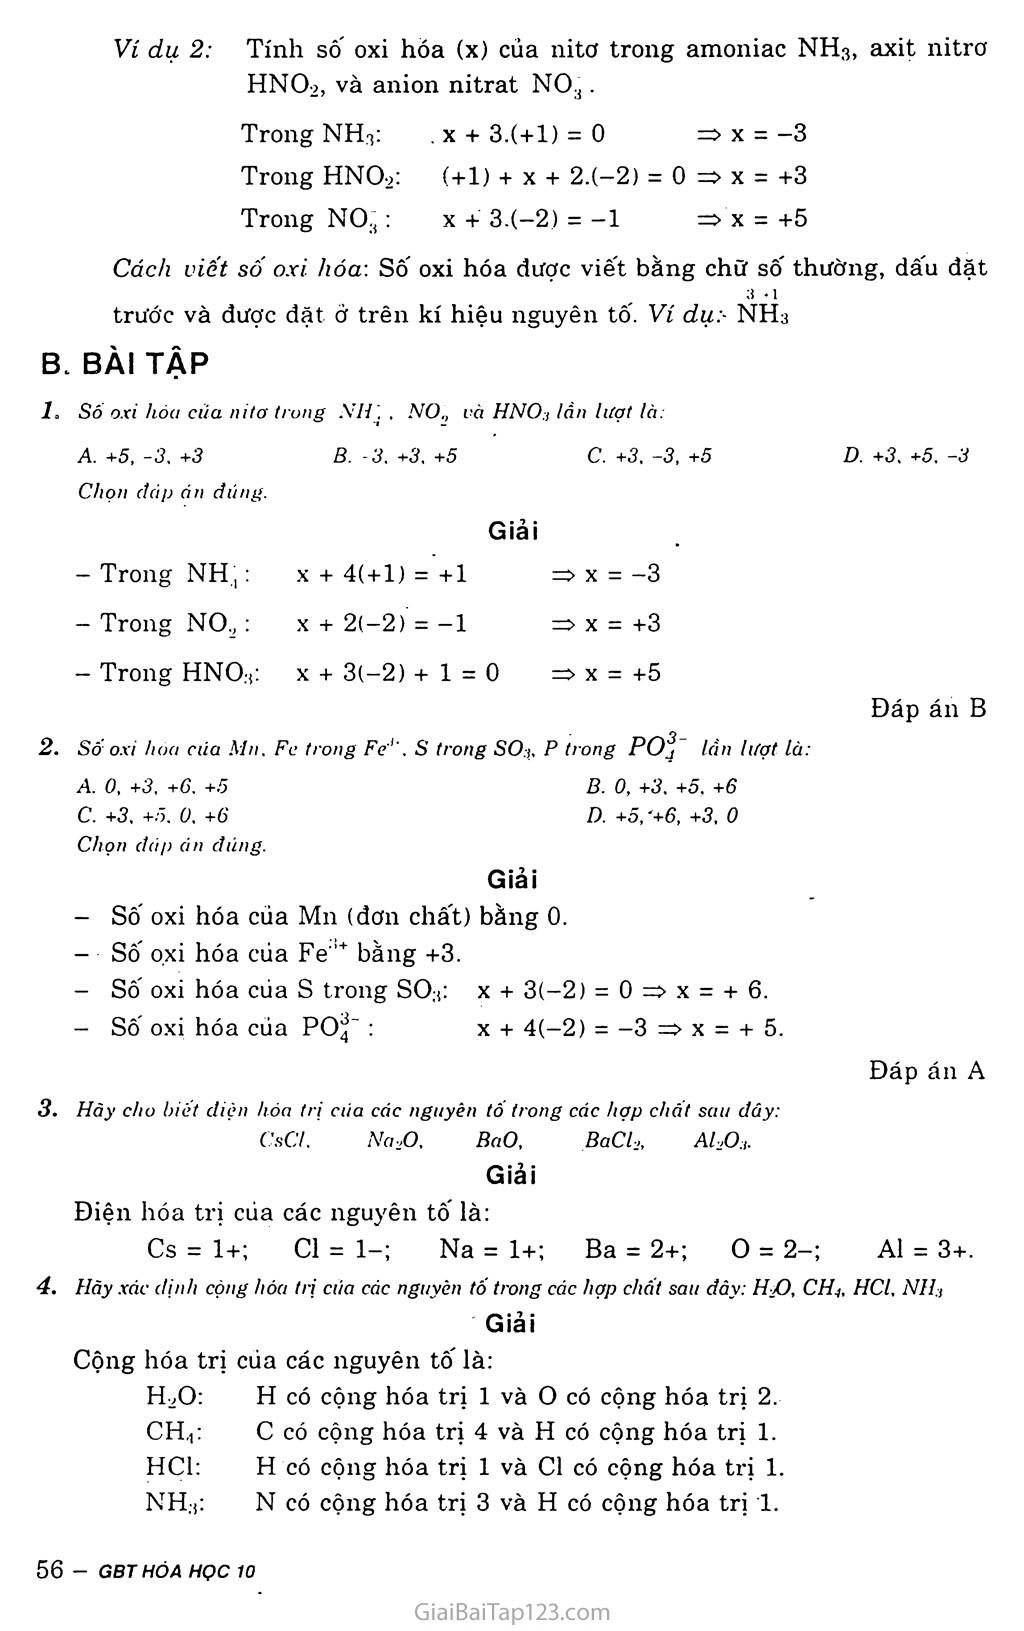 Bài 15: Hóa trị và số oxi hóa trang 2